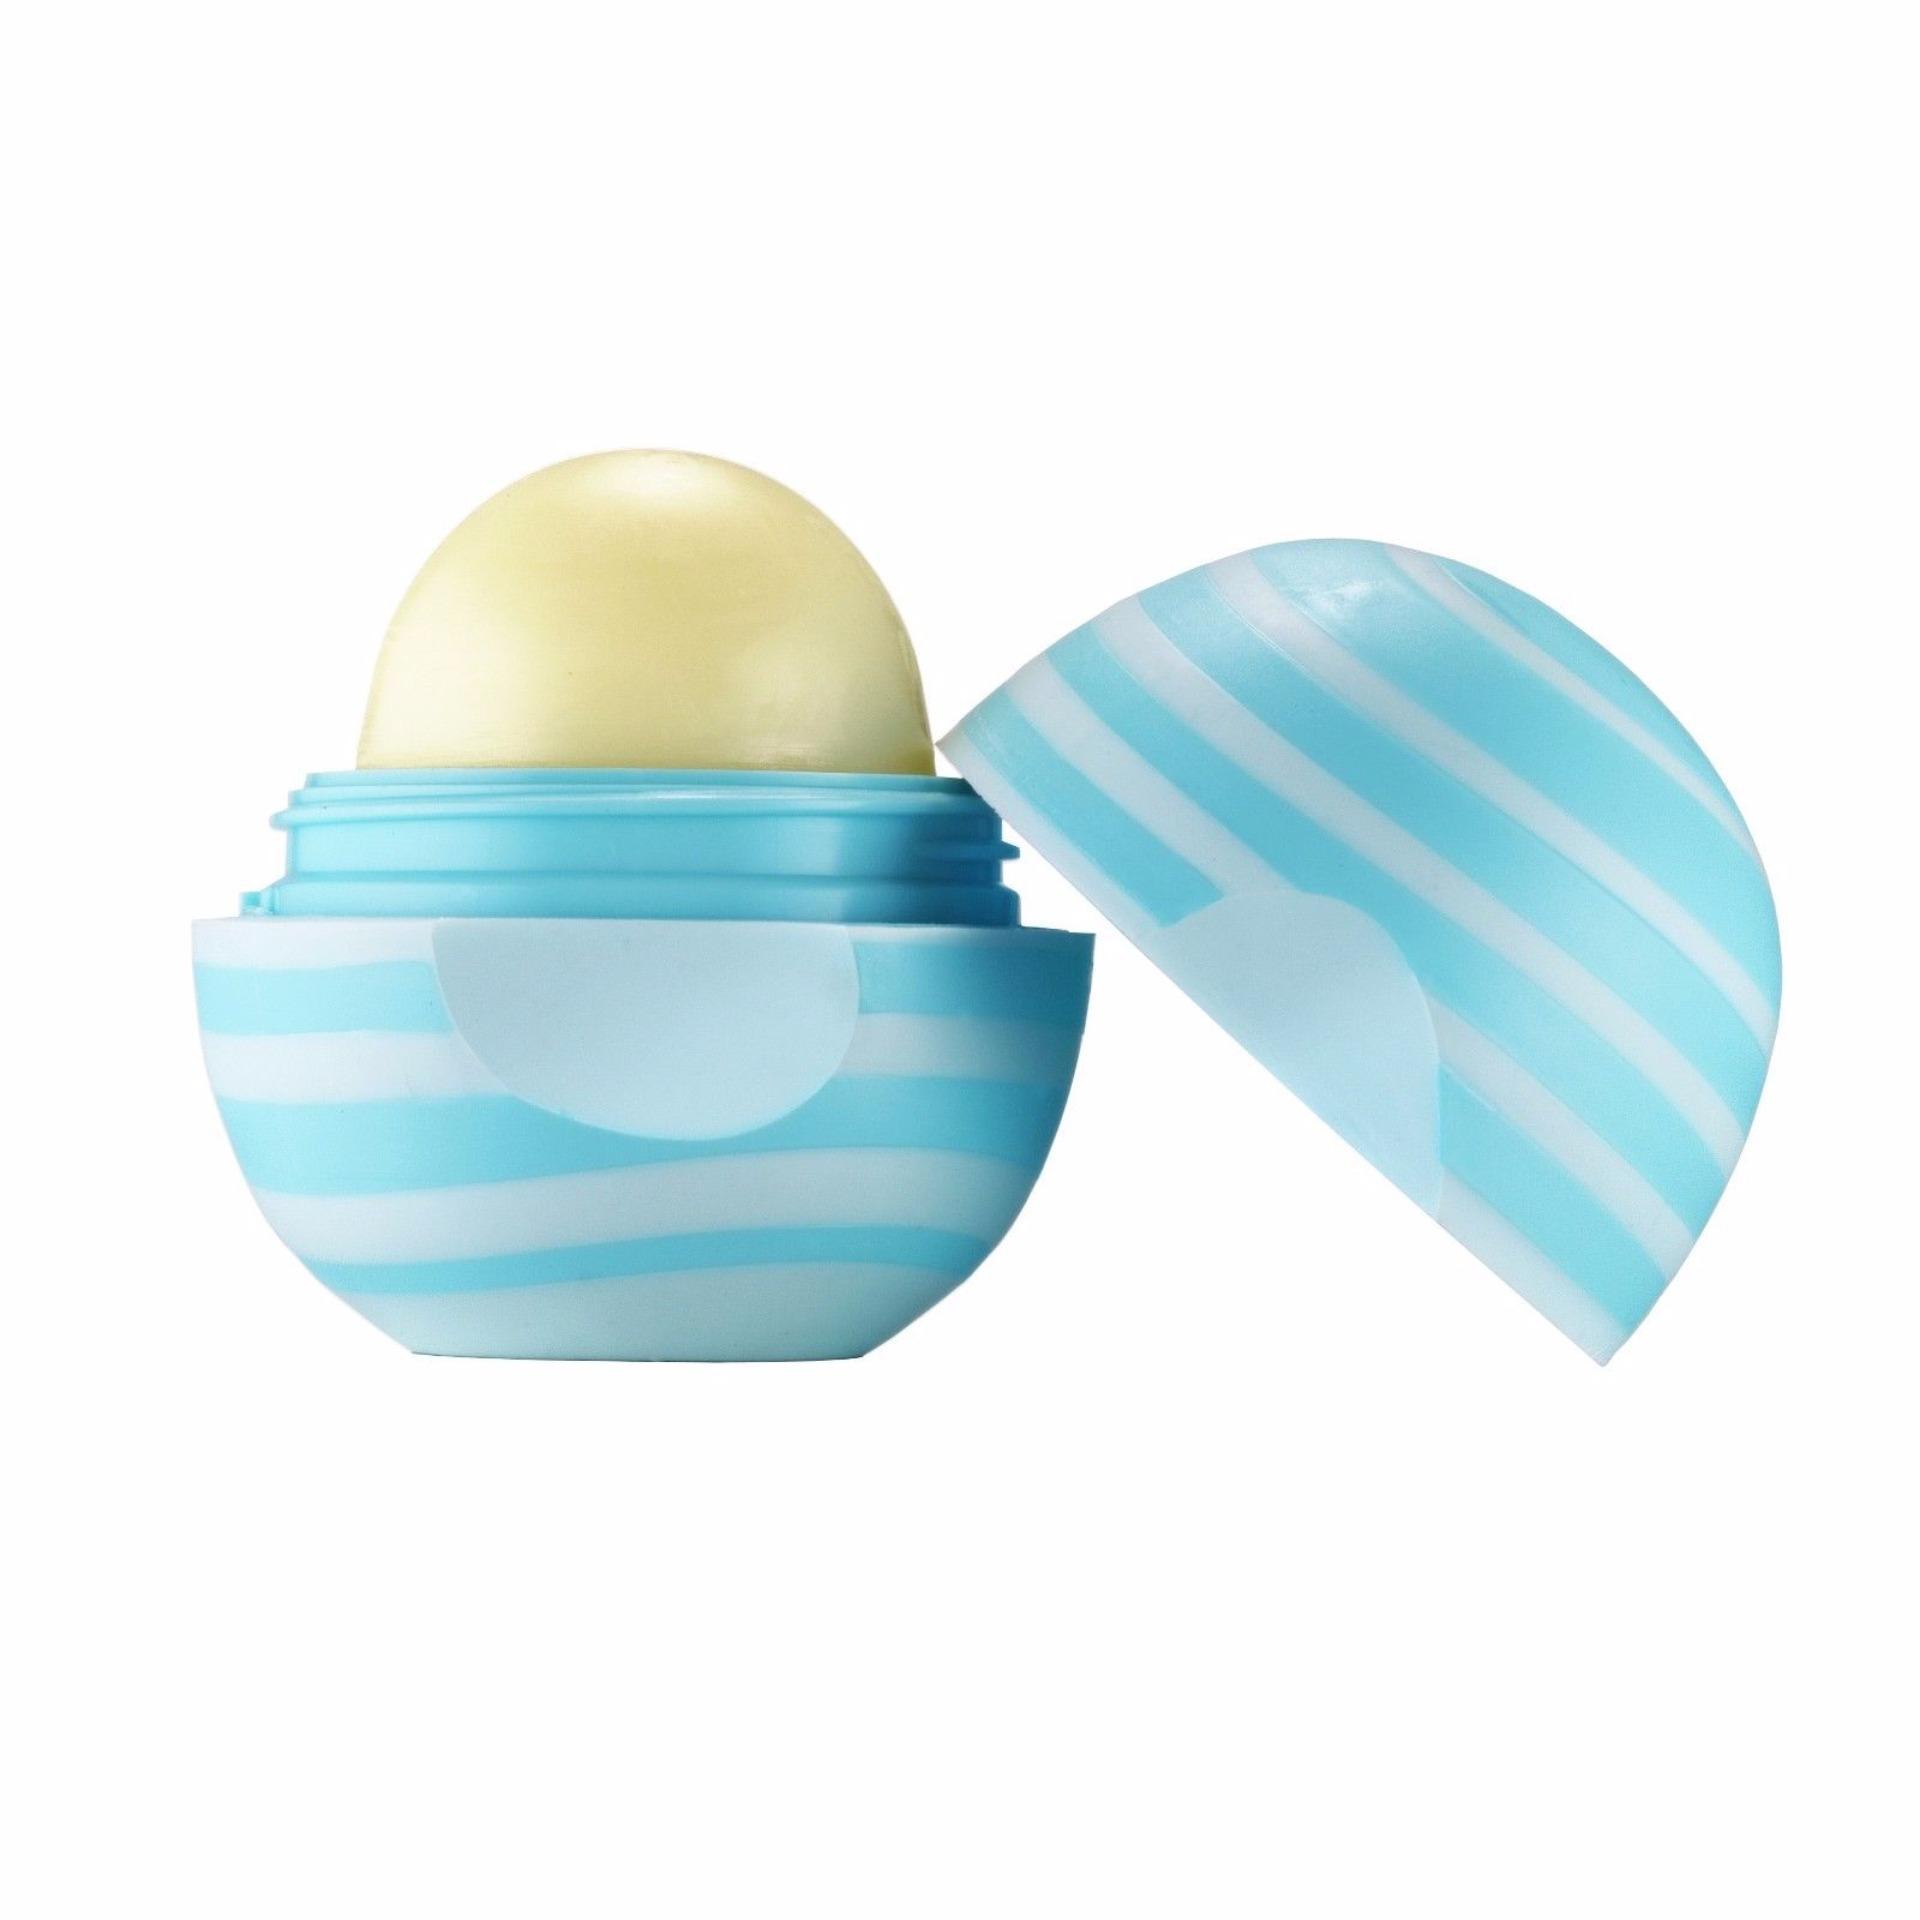 Son trứng dưỡng môi EOS Visibly Soft Lip Balm 7g - Vanilla Mint cao cấp